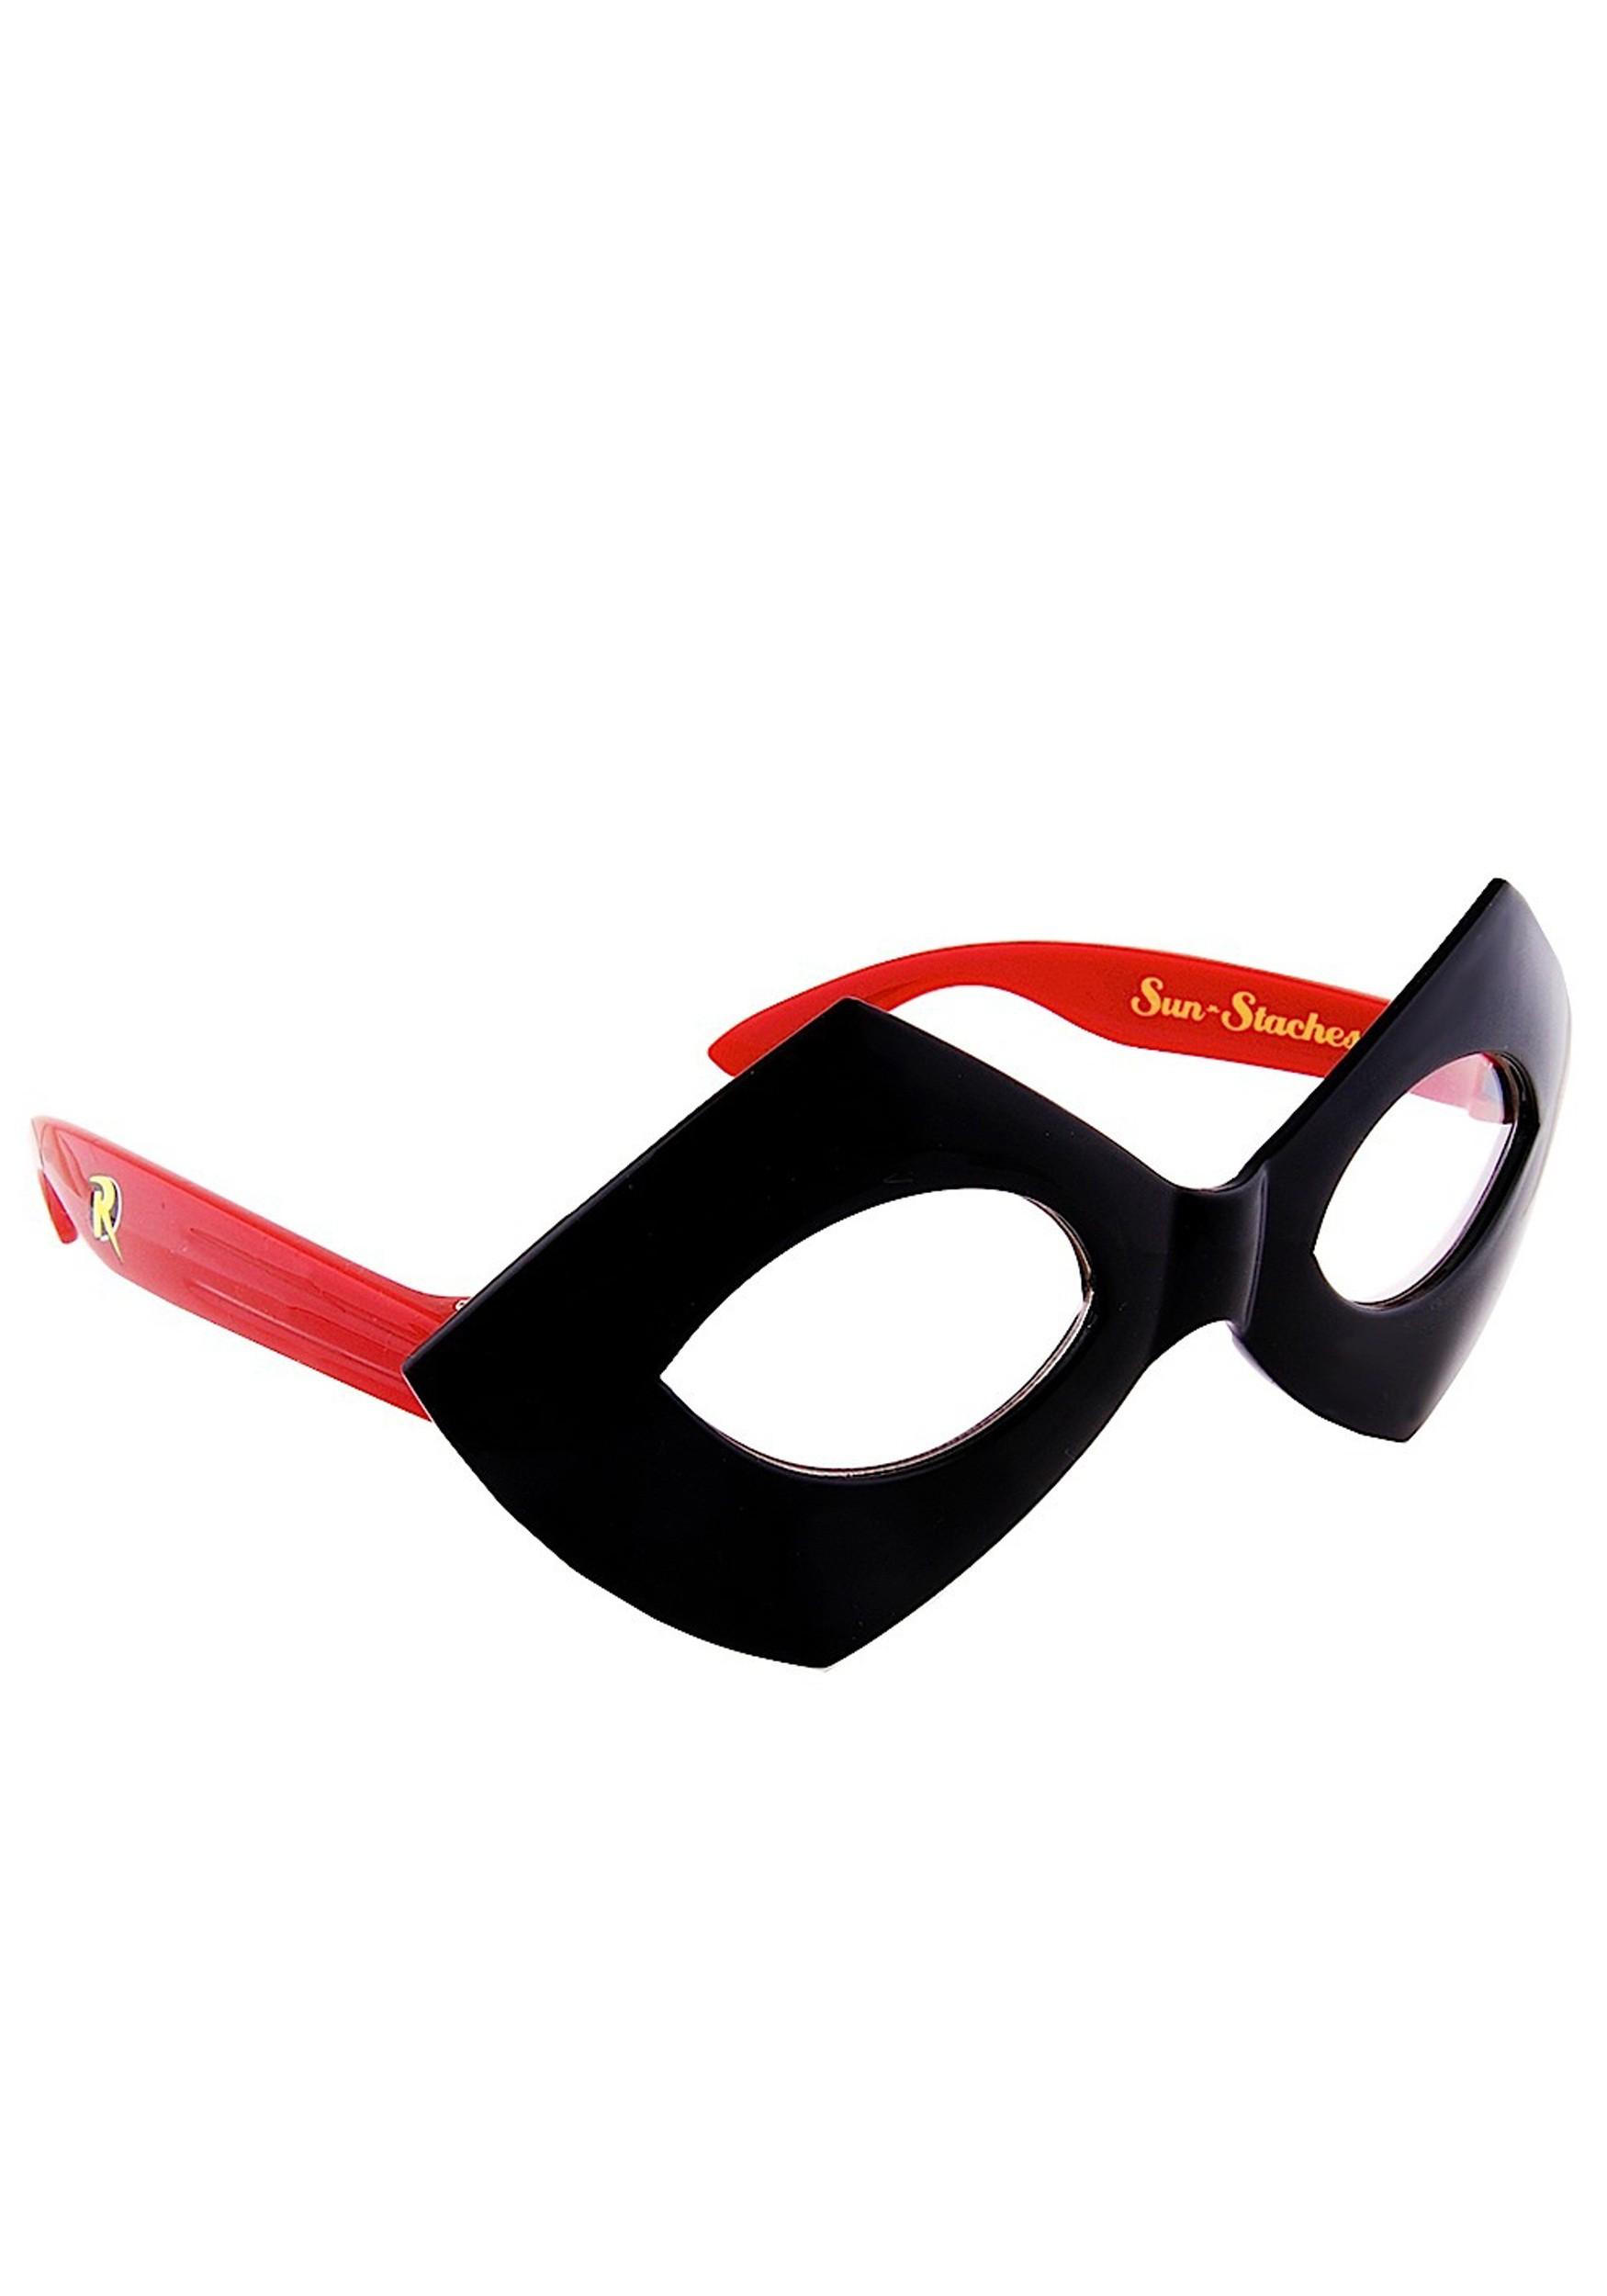 Glasses - Sunglasses, Nerd Glasses, Costume Glasses